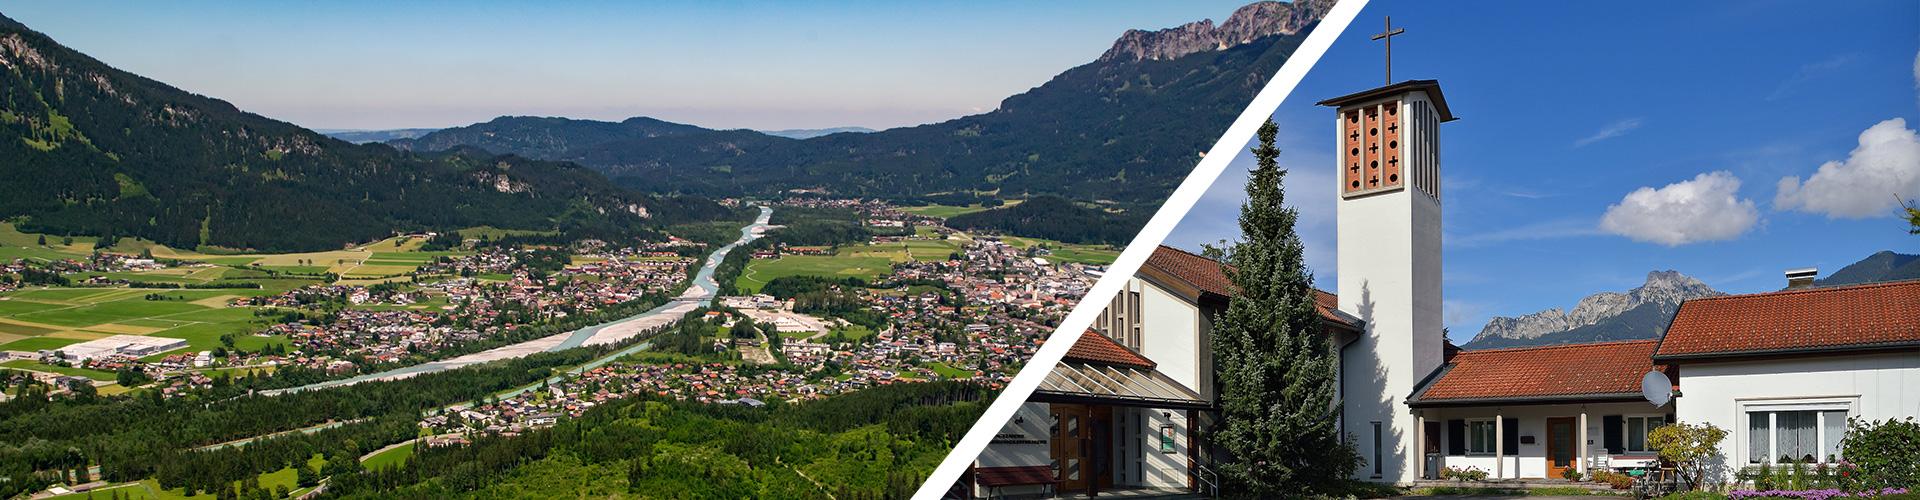 Evangelische Pfarrgemeinde A.B. Reutte in Tirol